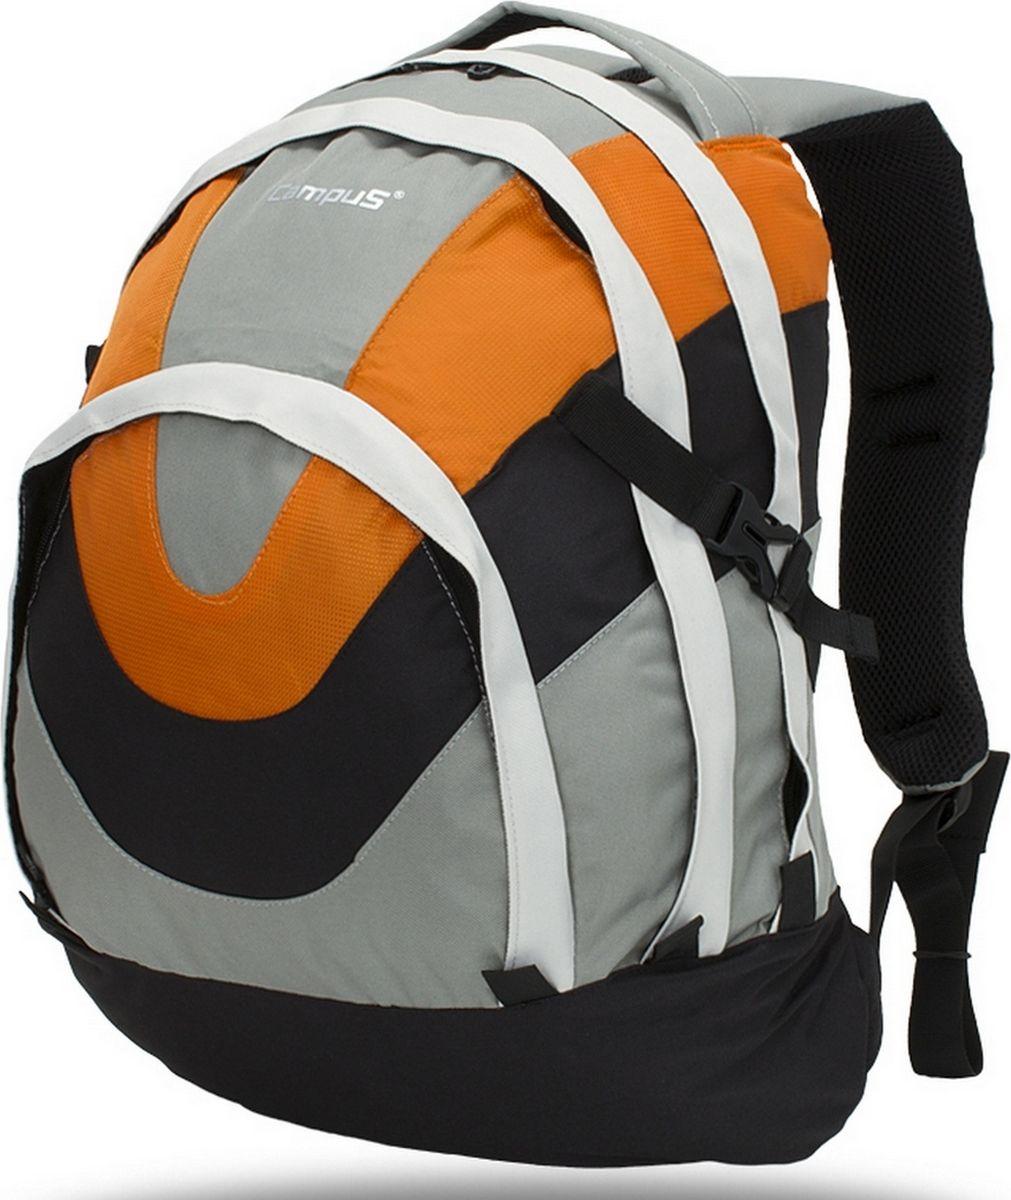 Рюкзак городской Campus Chilpi 2, цвет: оранжевый, черный, серый. 50380250106175038025010617Рюкзак, который подойдет для экскурсий и небольших путешествий.* емкость 35л* основное отделение на молнии* два отделения на молнии* внутренние карманы* регулируемые плечевые ремни* светоотражающие элементы* спинка рюкзака с дополнительными накладками, благодаря которым циркулирует воздух, создавая эффект вентиляции, а также обеспечивает влагоиспарение. Плечевые ремни имеютэргономичную конструкцию с постоянной точкой крепления